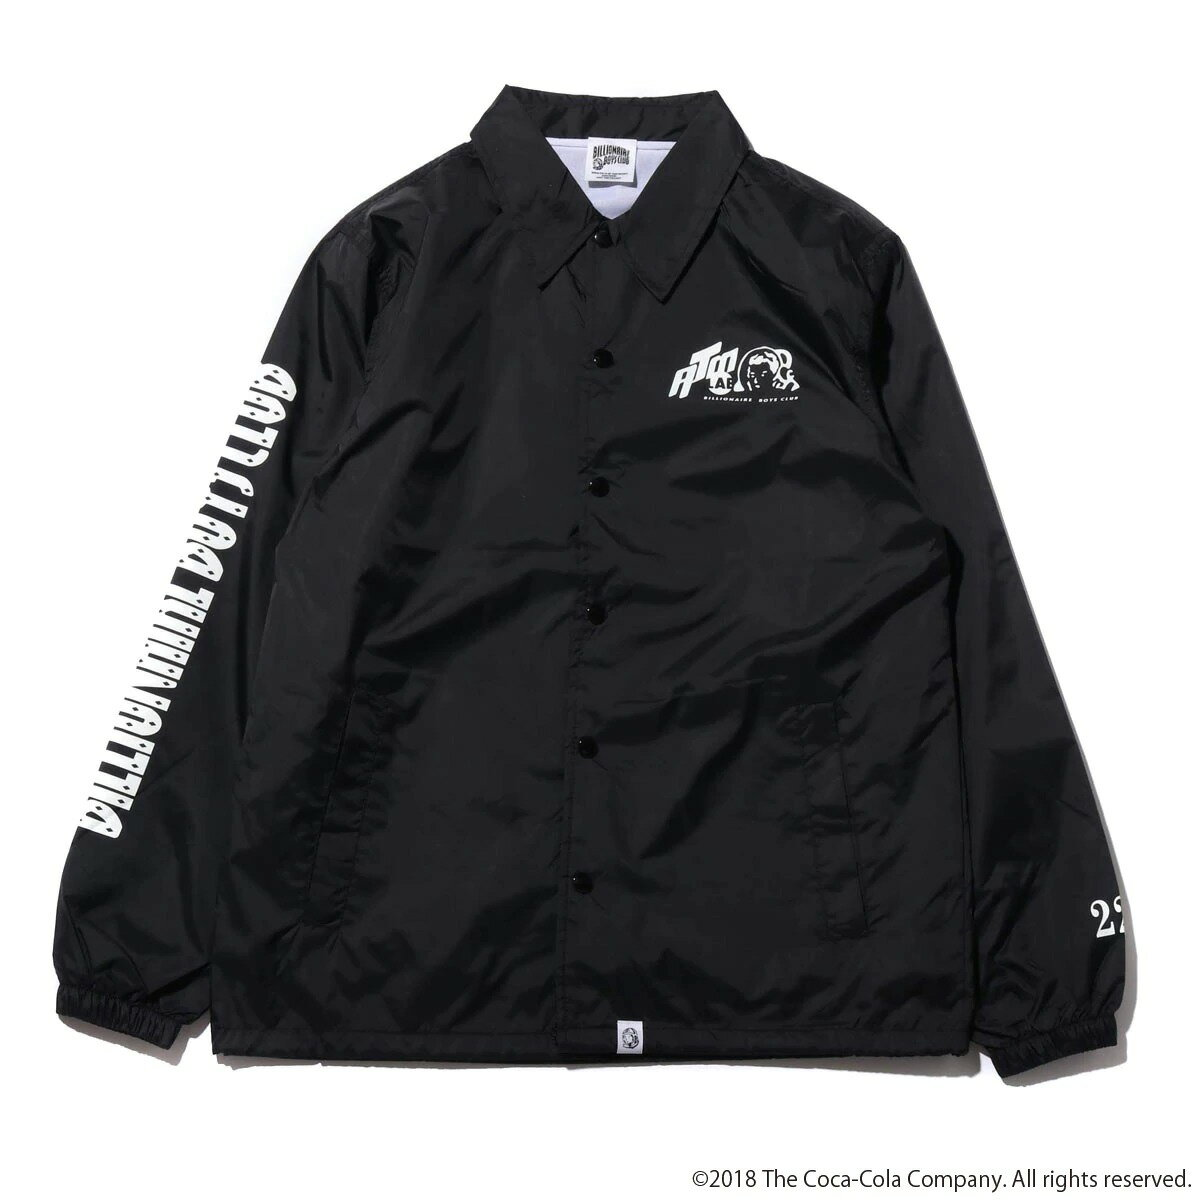 メンズファッション, コート・ジャケット COCA-COLA BILLIONAIRE BOYS CLUB x ATMOS LAB BP COLA COACH JACKET( )BLACK 18FA-S